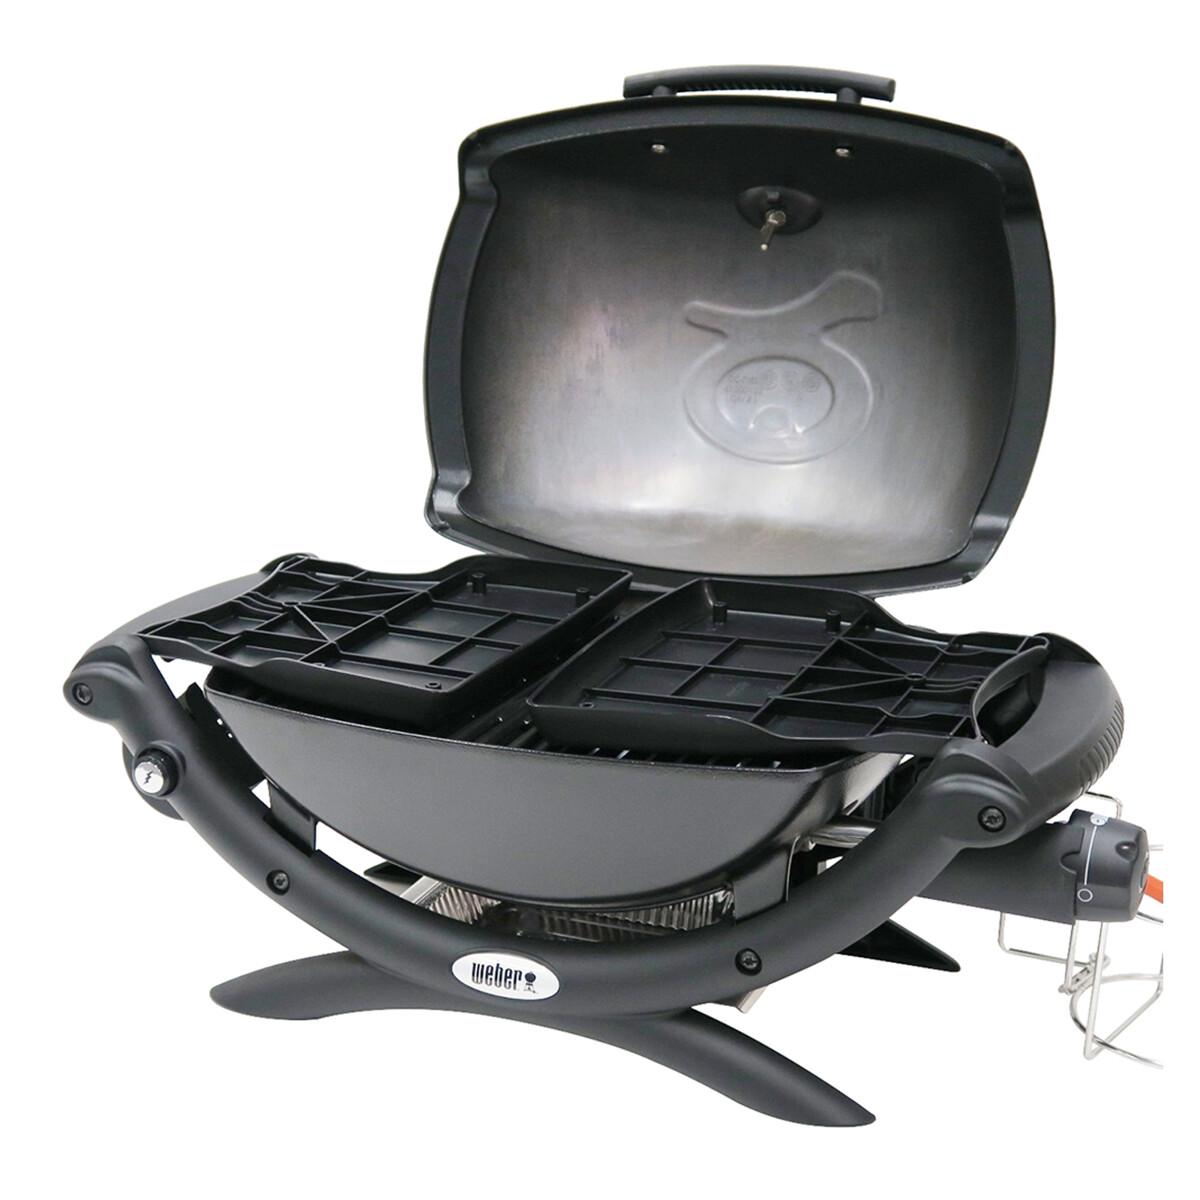 weber q 1200 weber barbecue a gas il mondo del barbecue. Black Bedroom Furniture Sets. Home Design Ideas